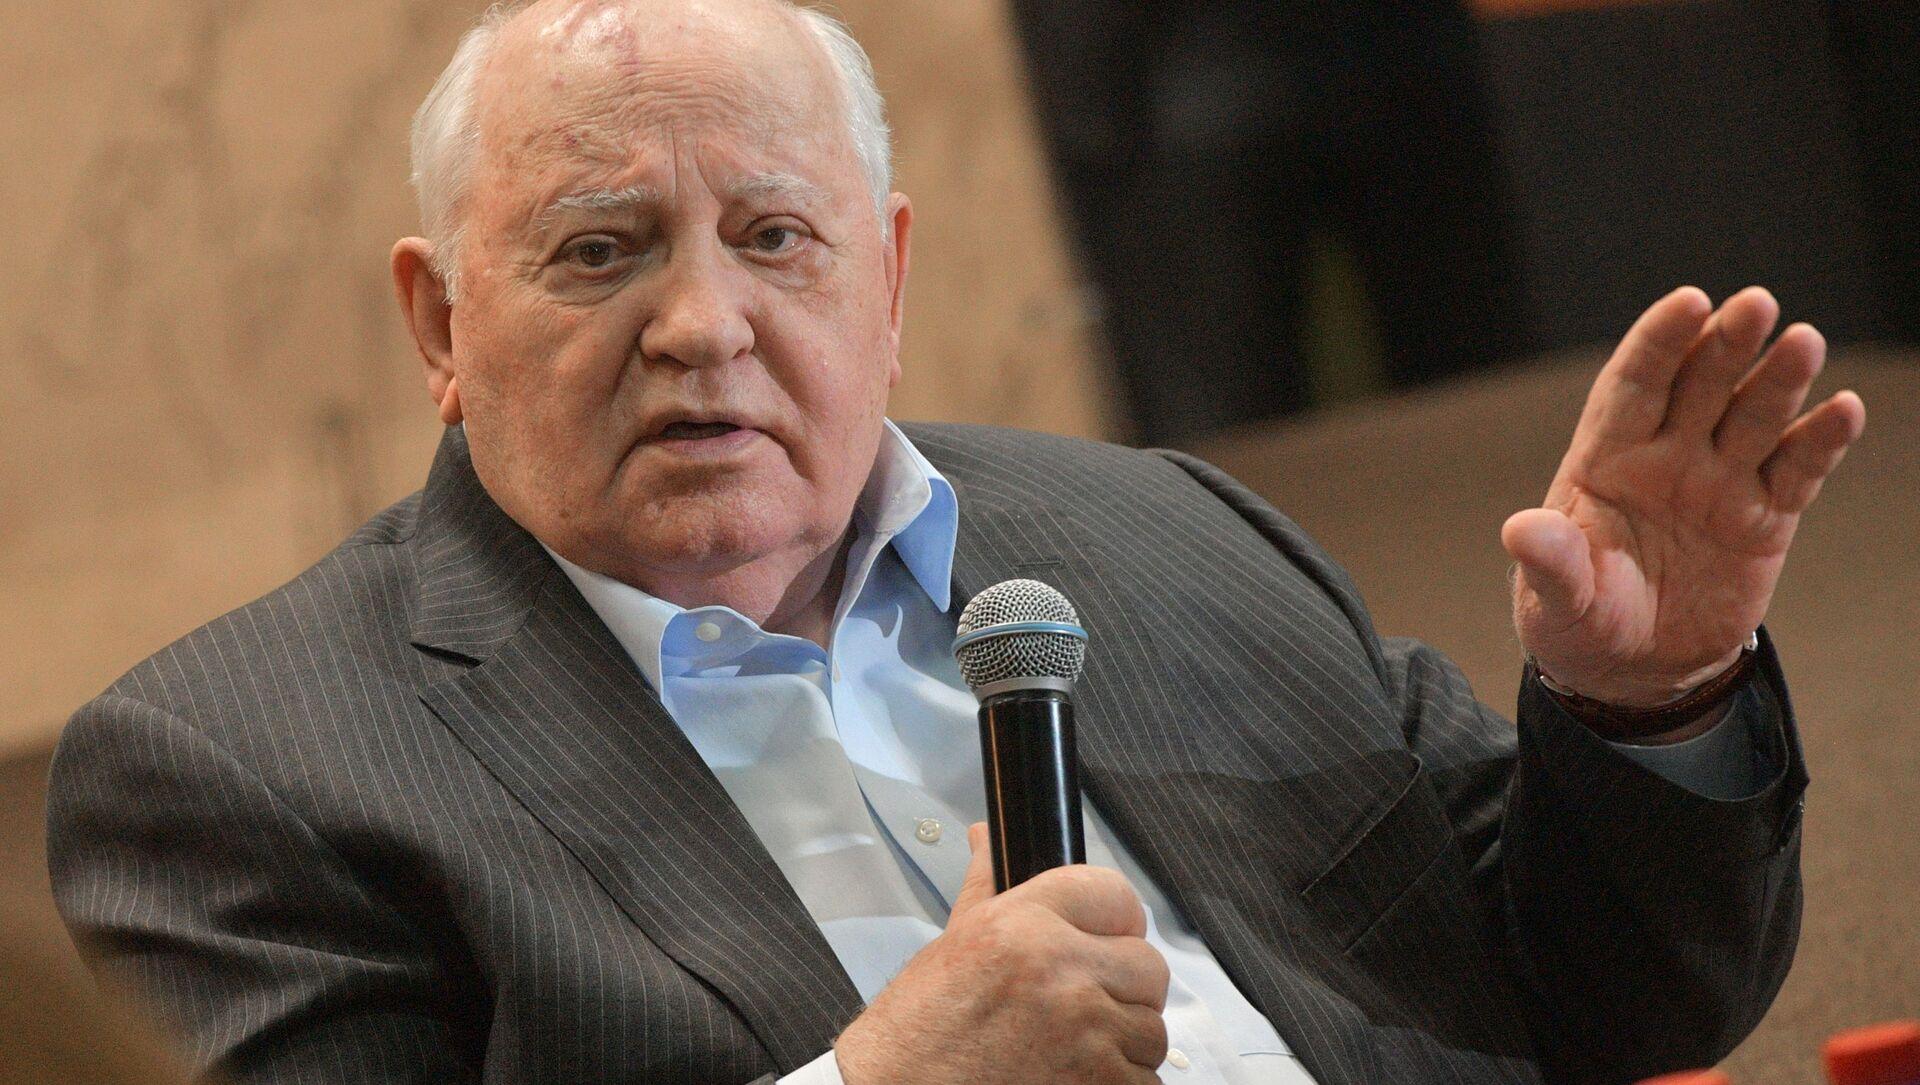 Cựu Tổng thống Liên Xô Mikhail Gorbachev. - Sputnik Việt Nam, 1920, 26.05.2021